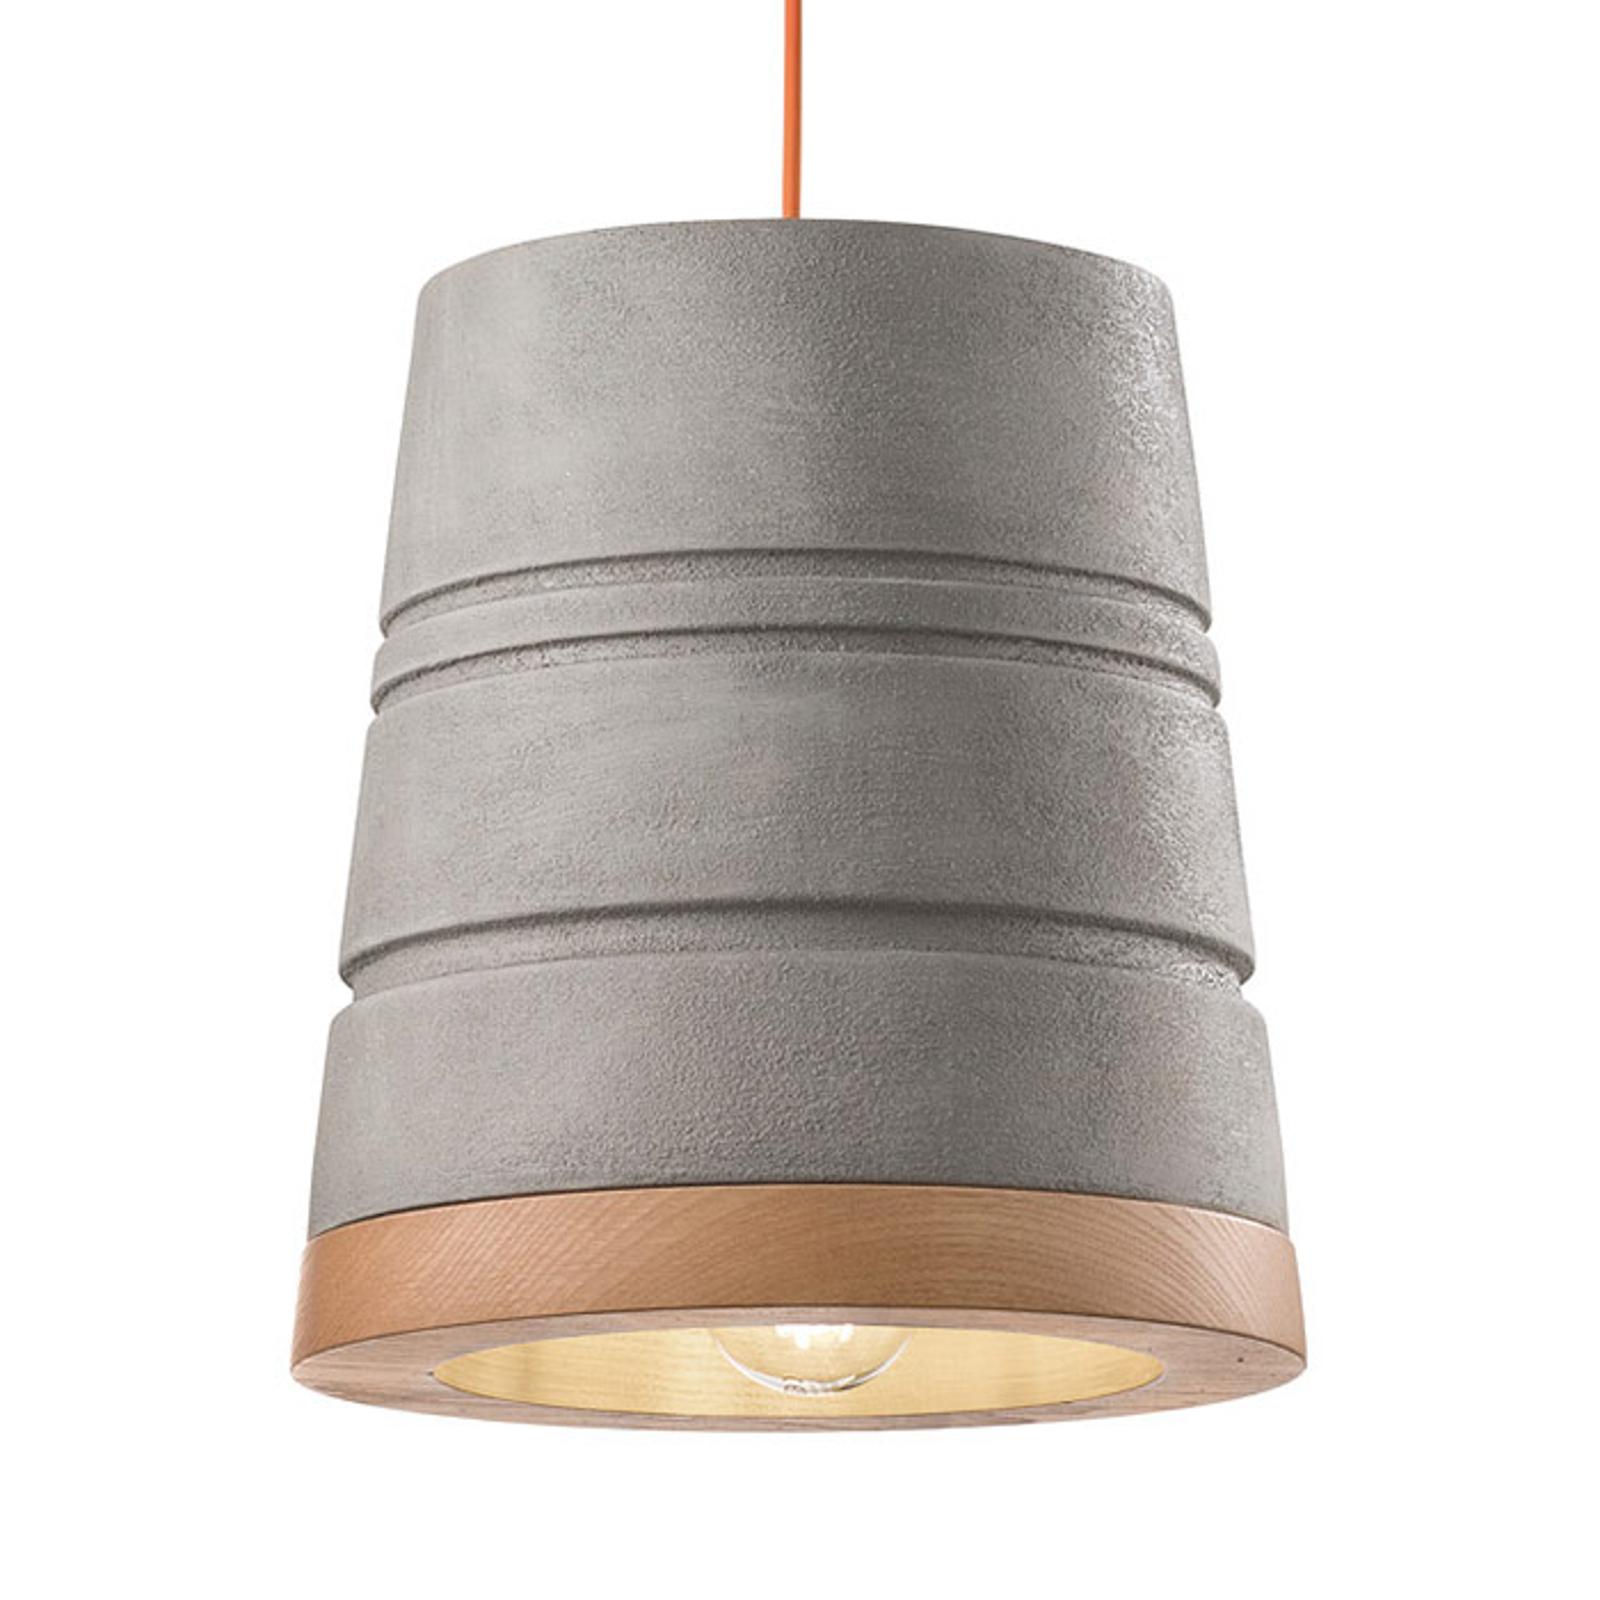 Nordické keramické závěsné světlo C1786 cementové